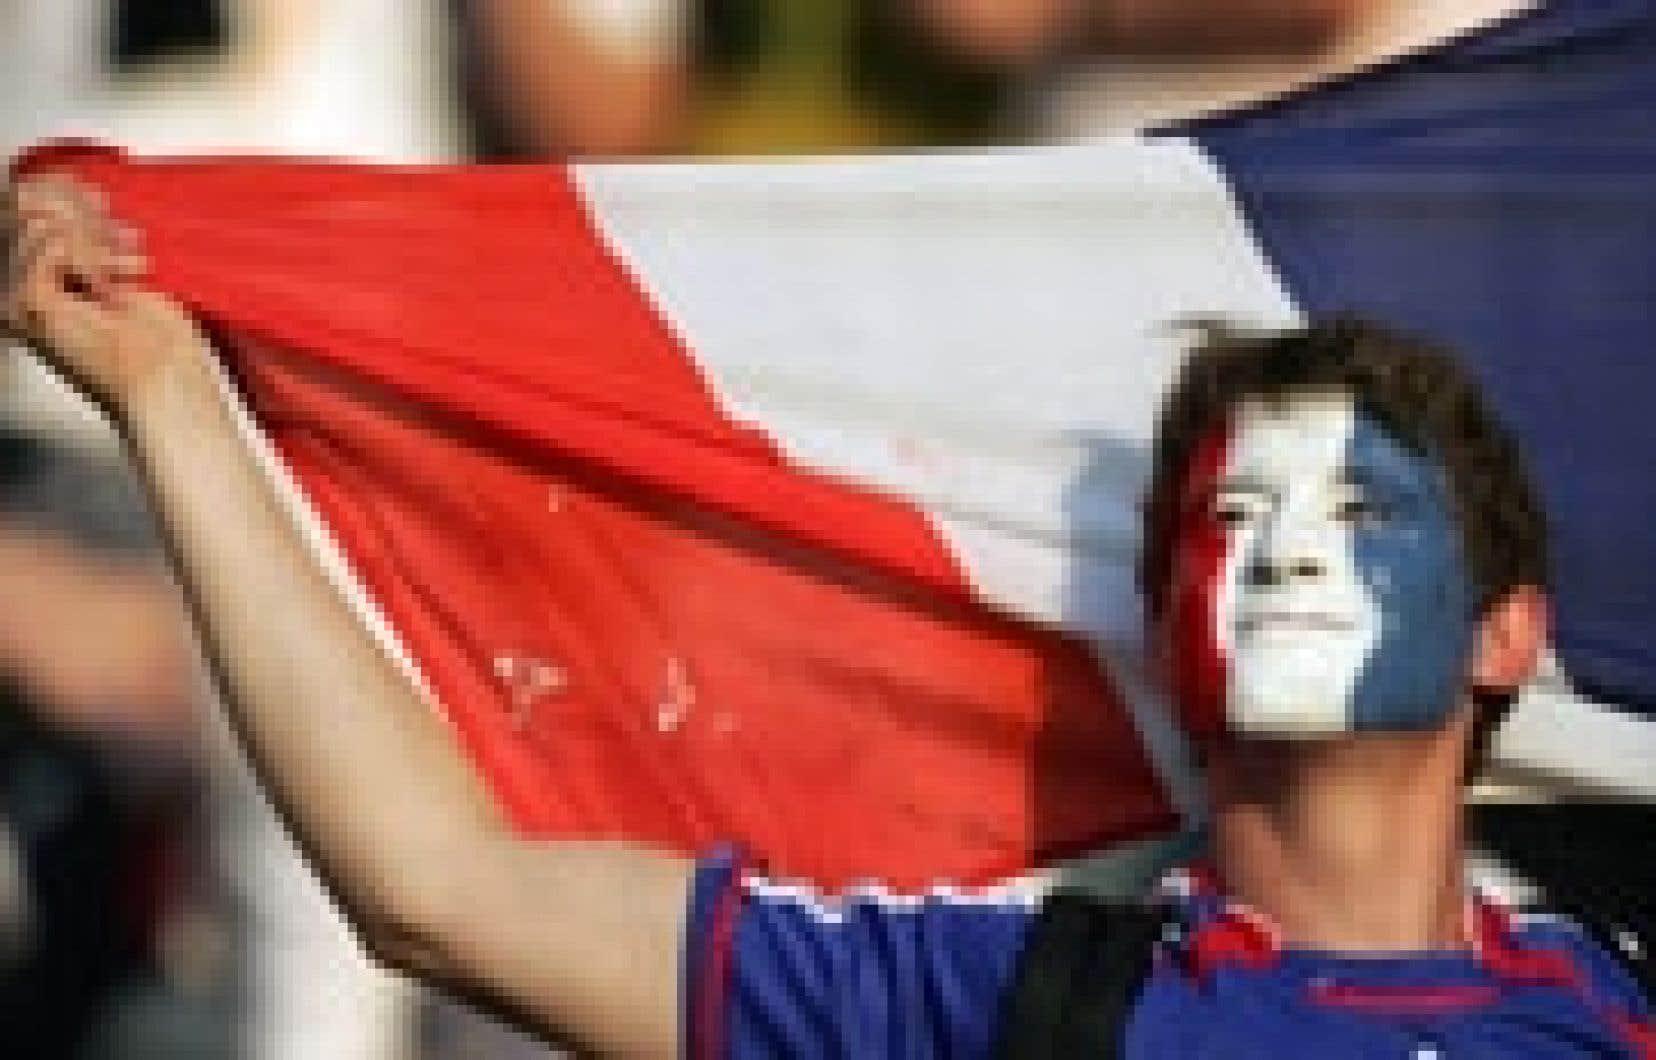 Les succès de l'équipe de France au Mondial de football ont redonné le sourire aux habitants de l'Hexagone.